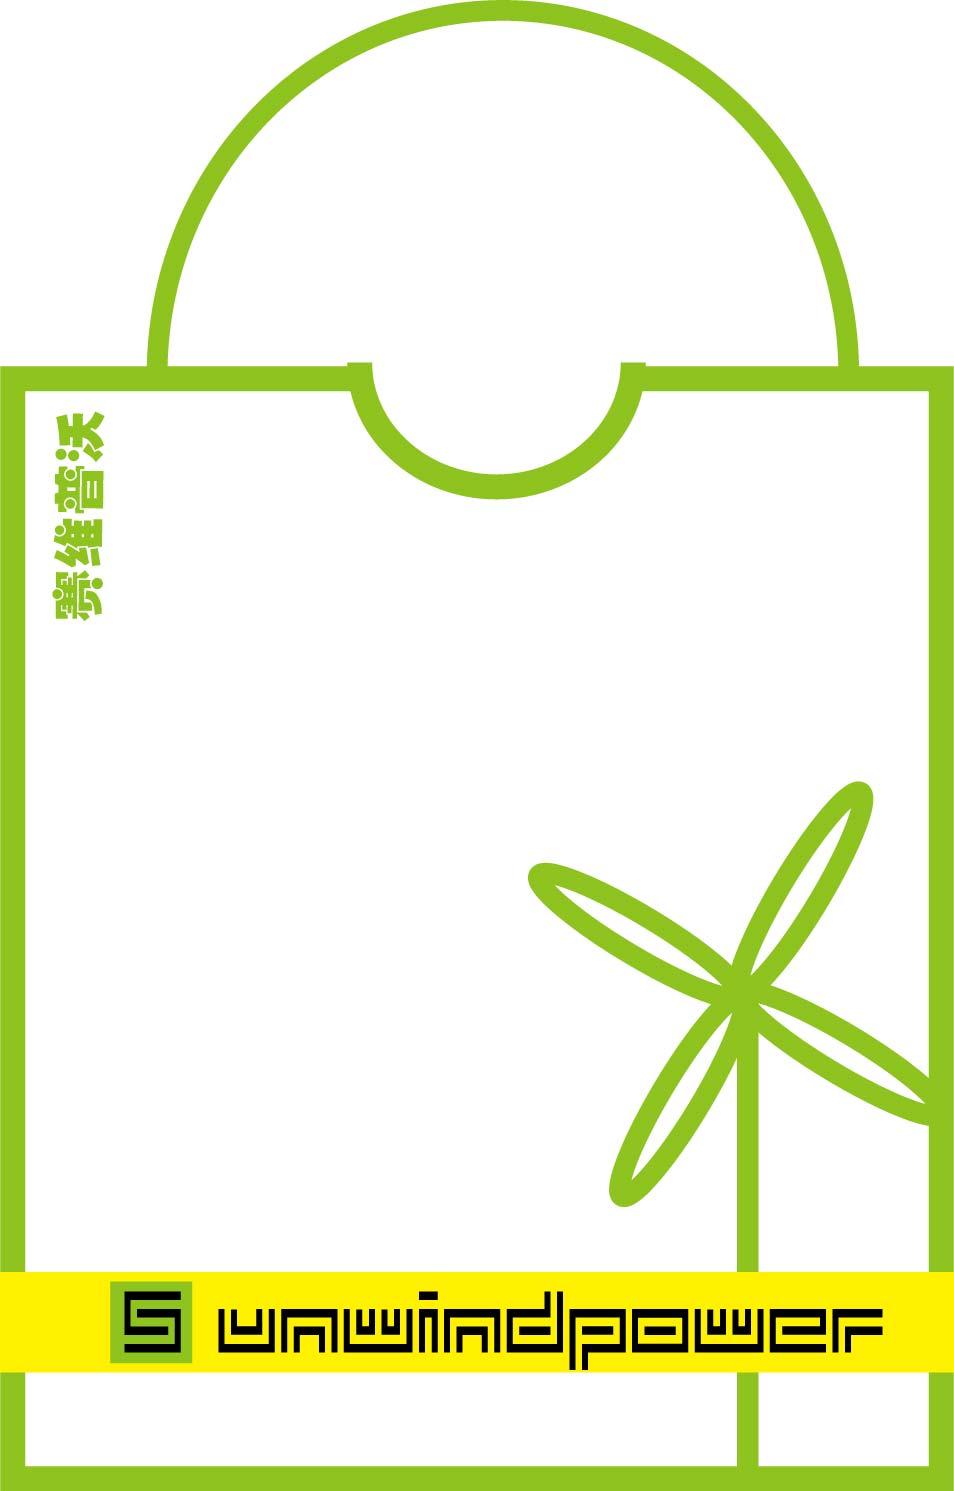 能源公司logo名片手提袋设计